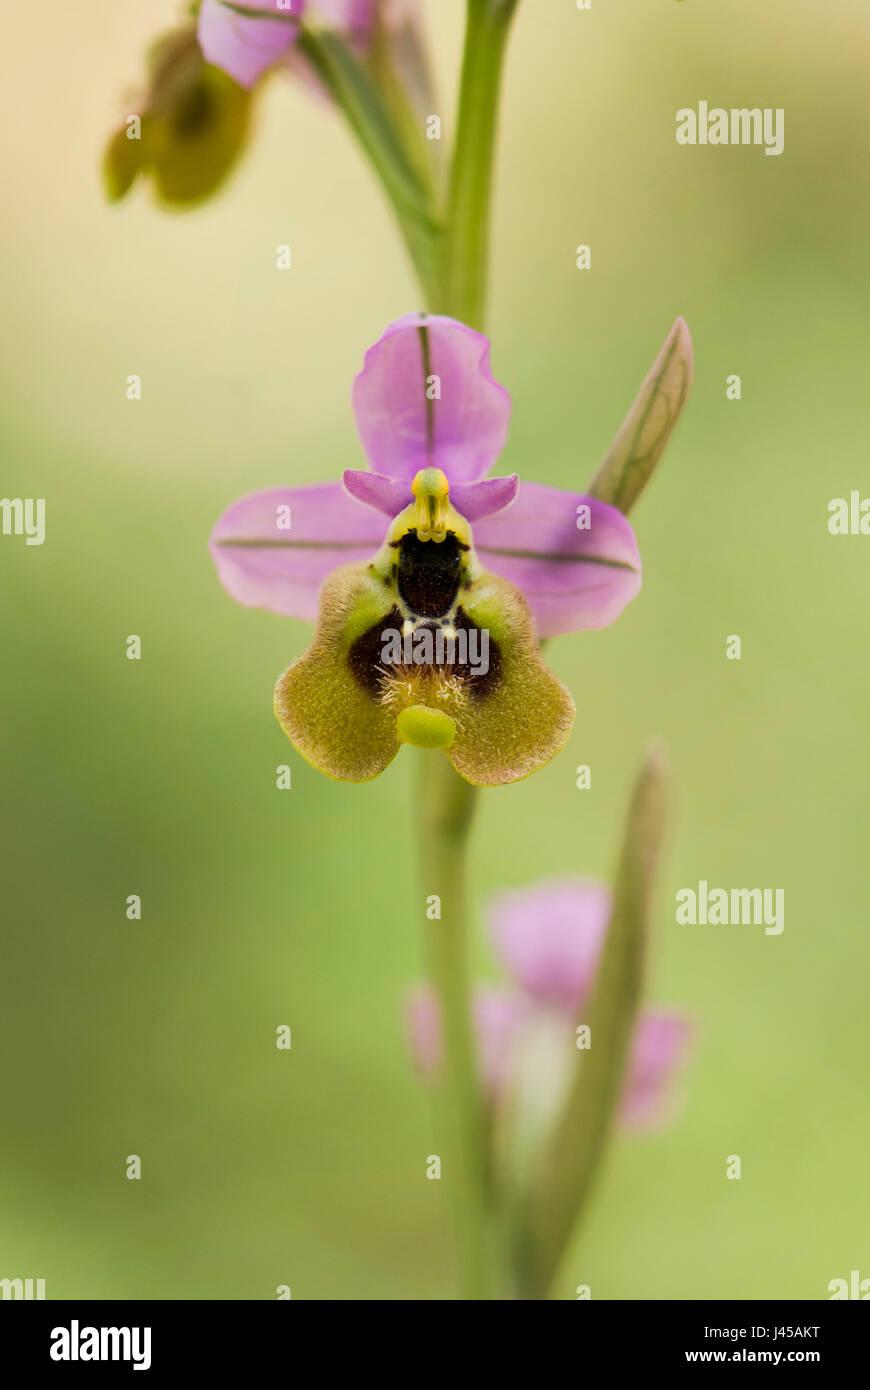 sawfly-orchid-ophrys-tenthredinifera-sub